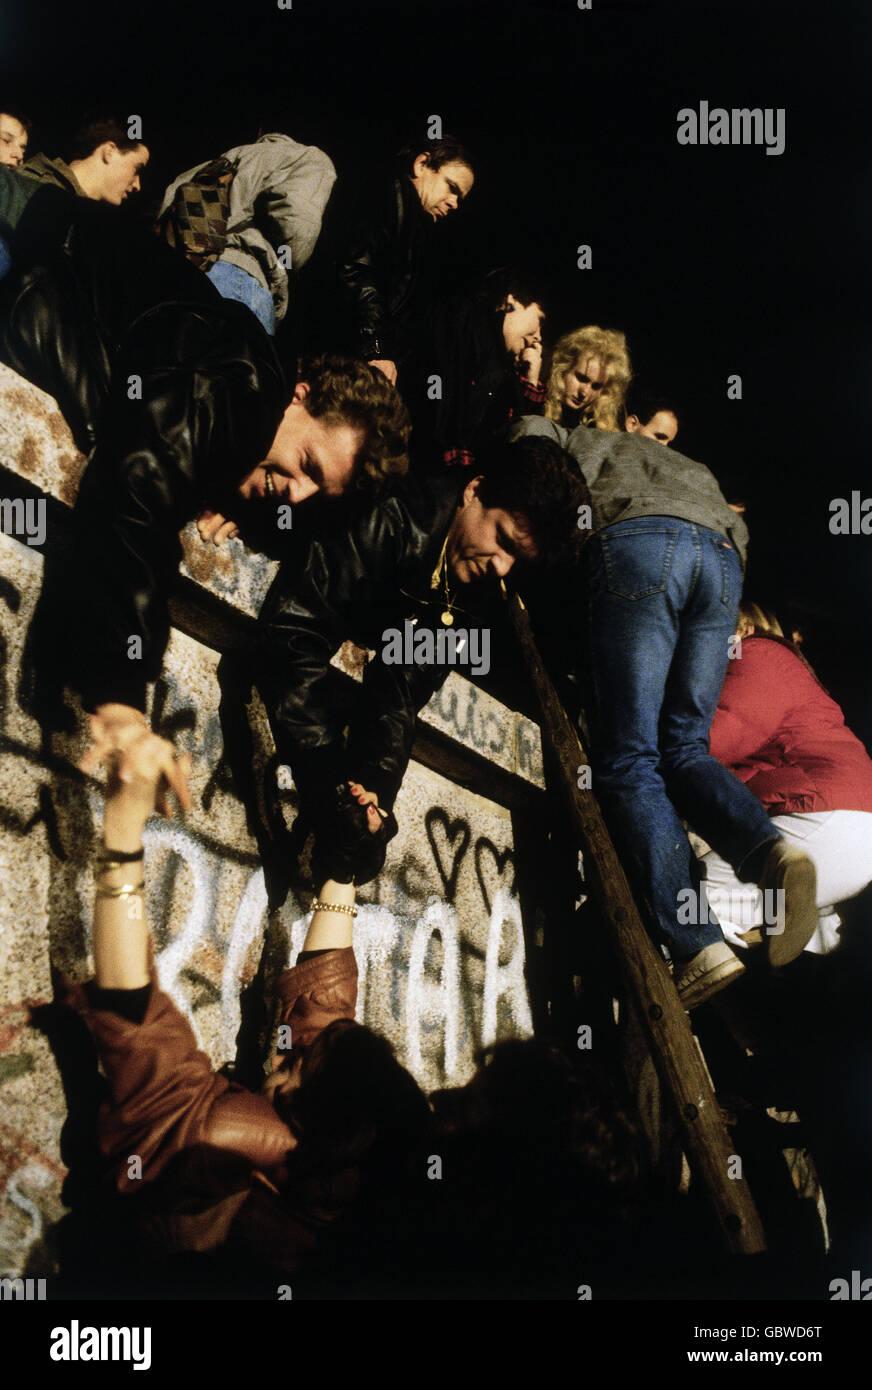 Deutschland, Wiedervereinigung, Fall der Berliner Mauer, Menschen klettern die Mauer, Berlin, 9.11.1989, DDR, BRD, Stockbild